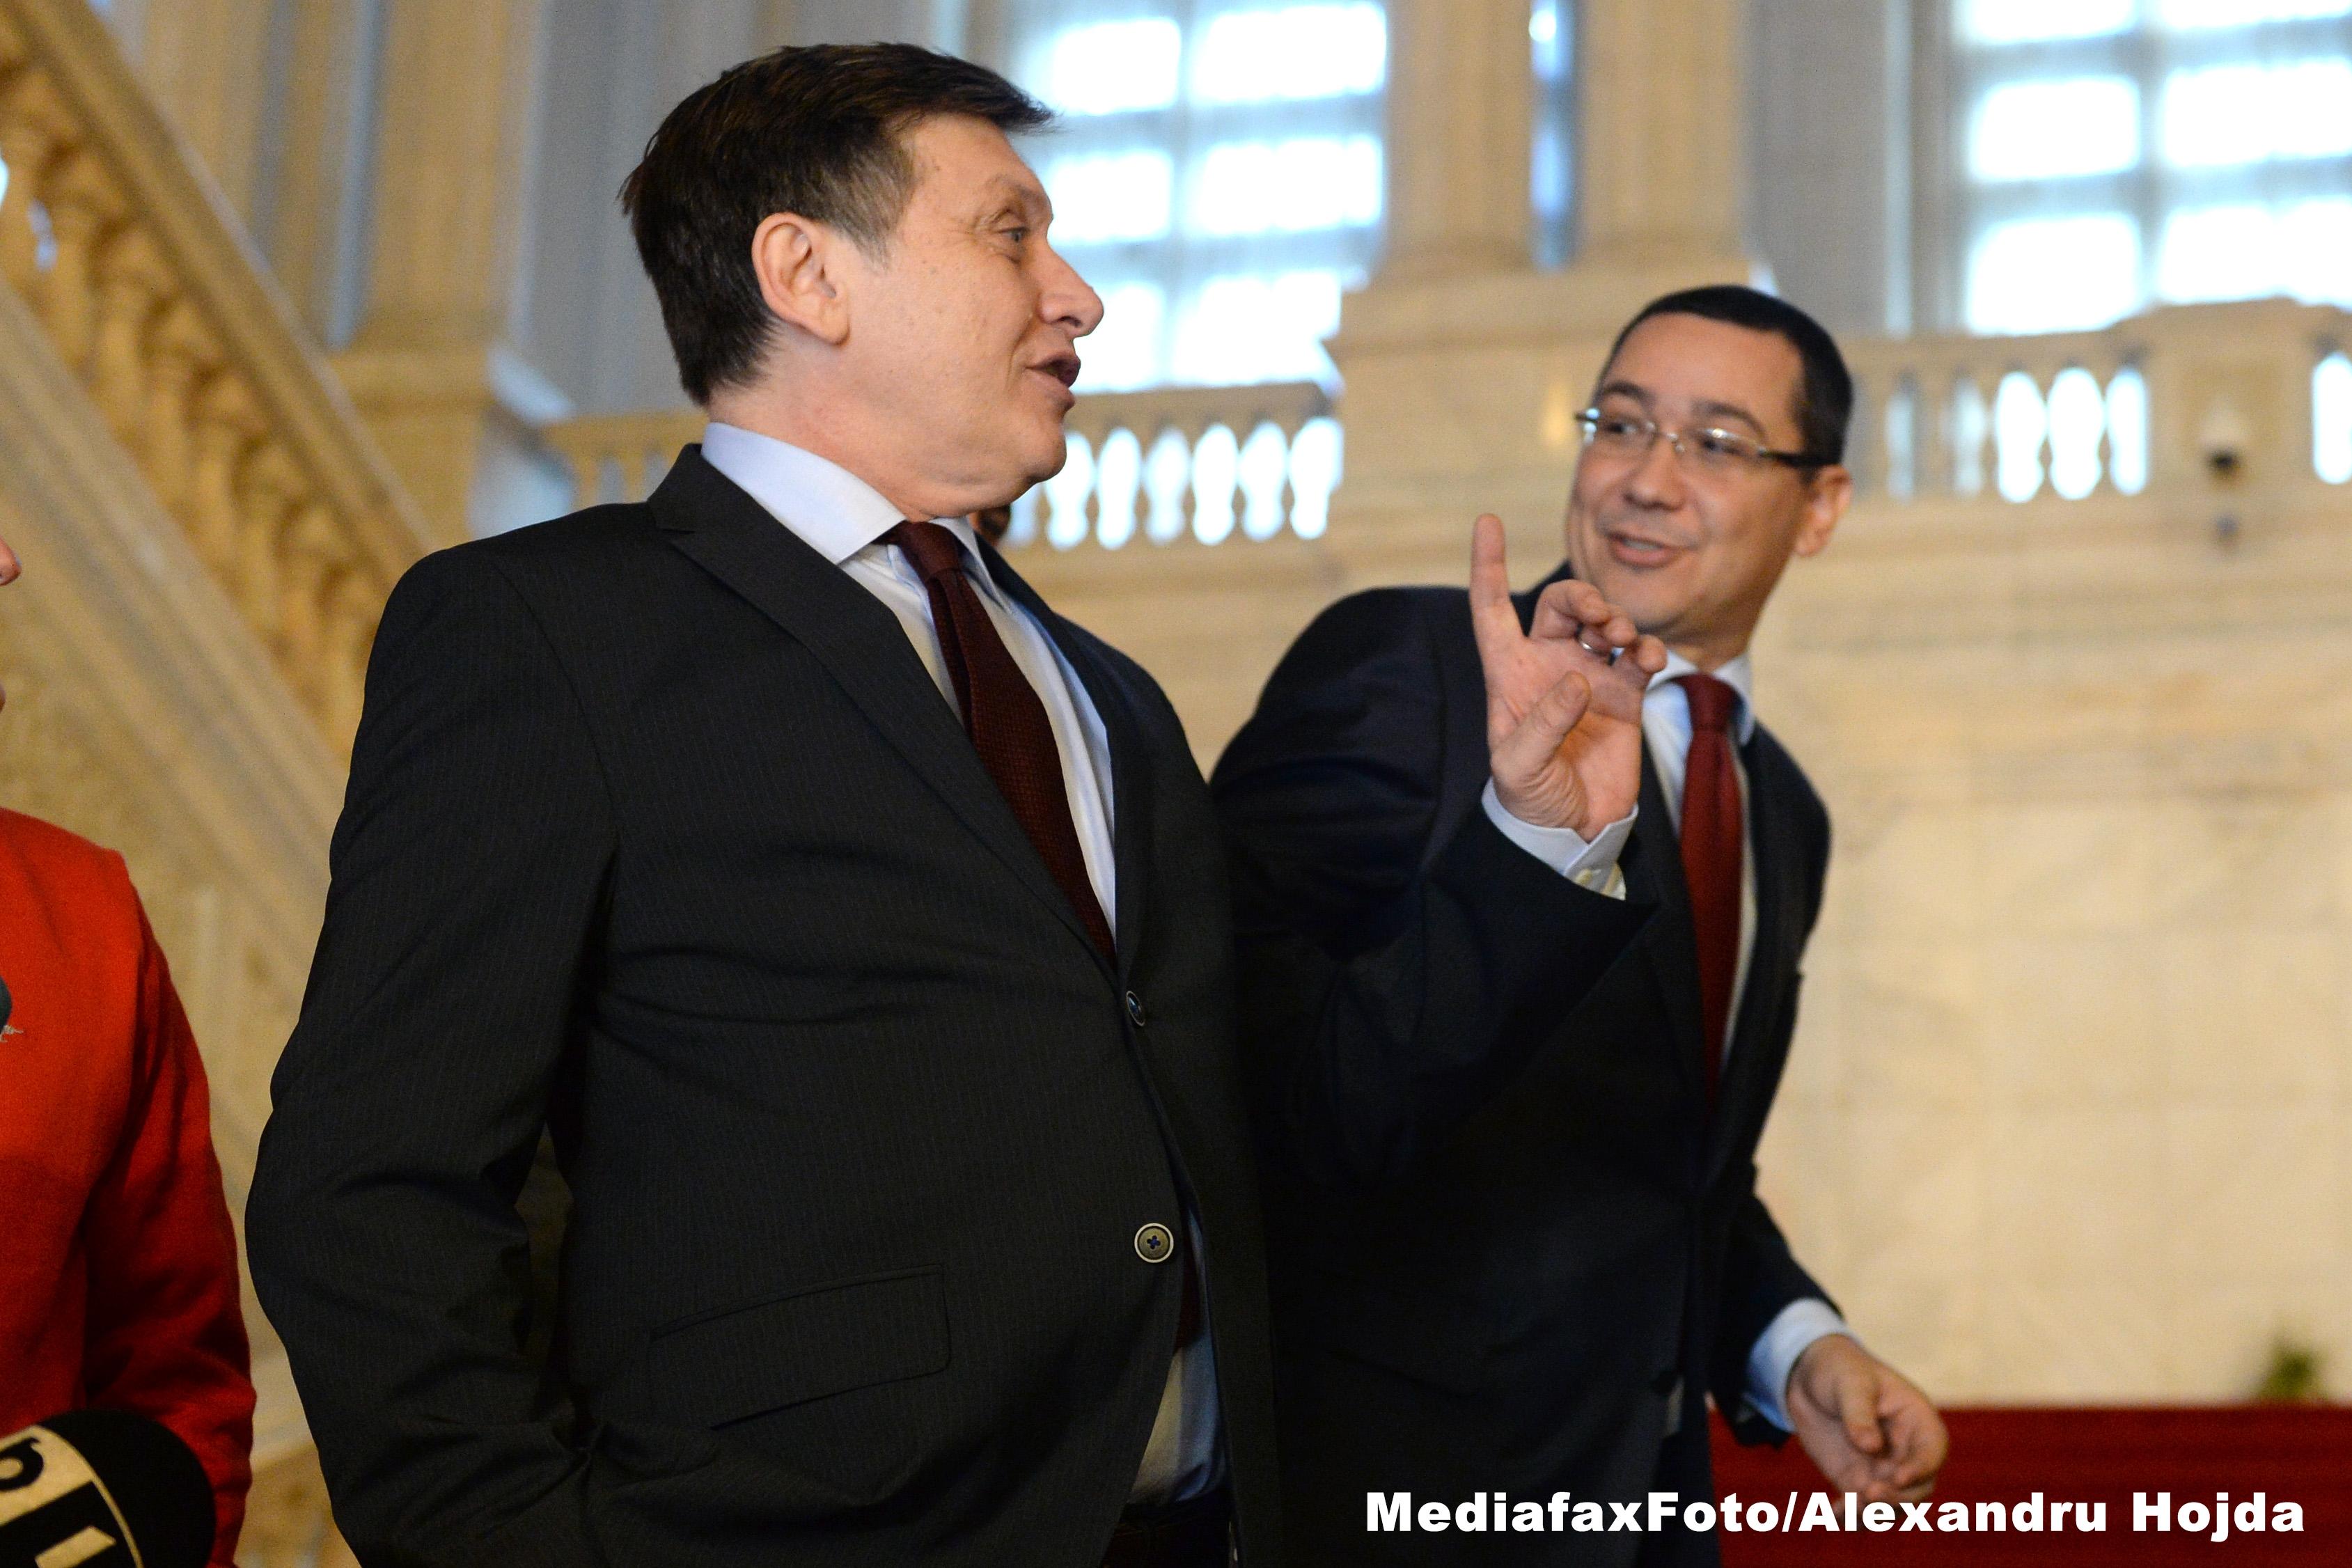 Antonescu: Implicarea lui Ponta si Dragnea in subiectul LPF n-a aratat bine, e o chestiune culturala